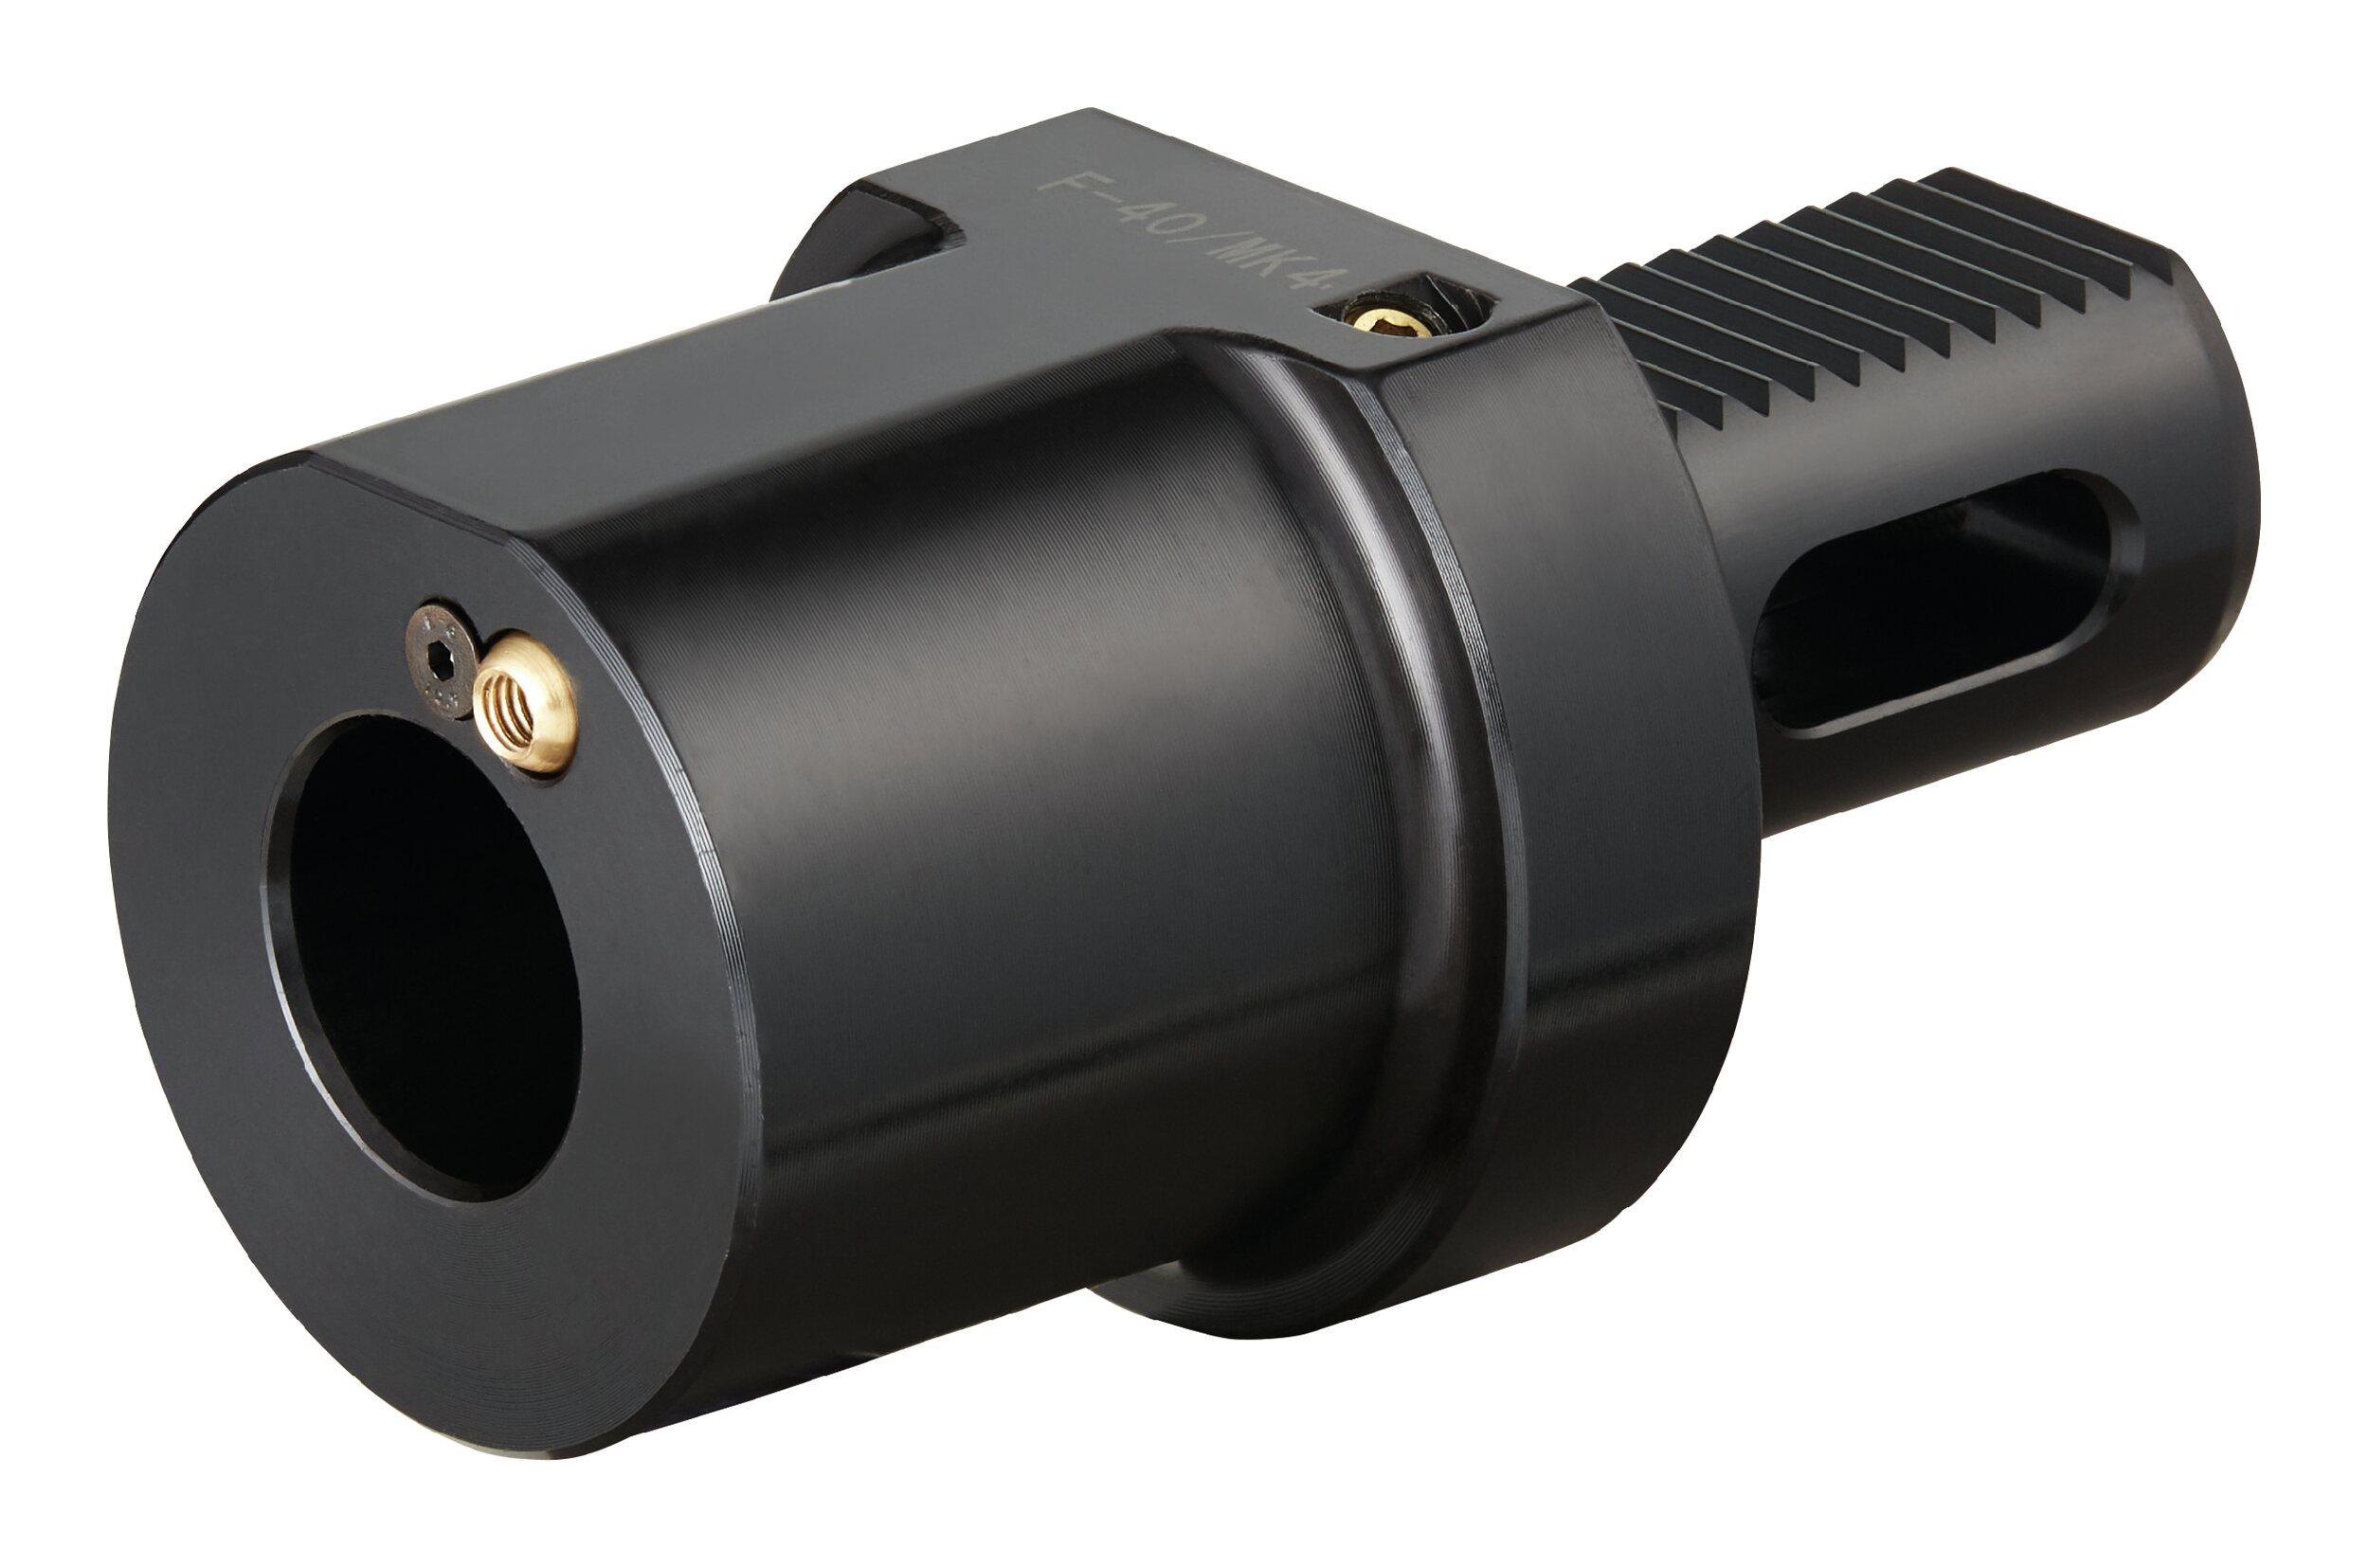 VDI MK Aufnahme F 40mm x MK3